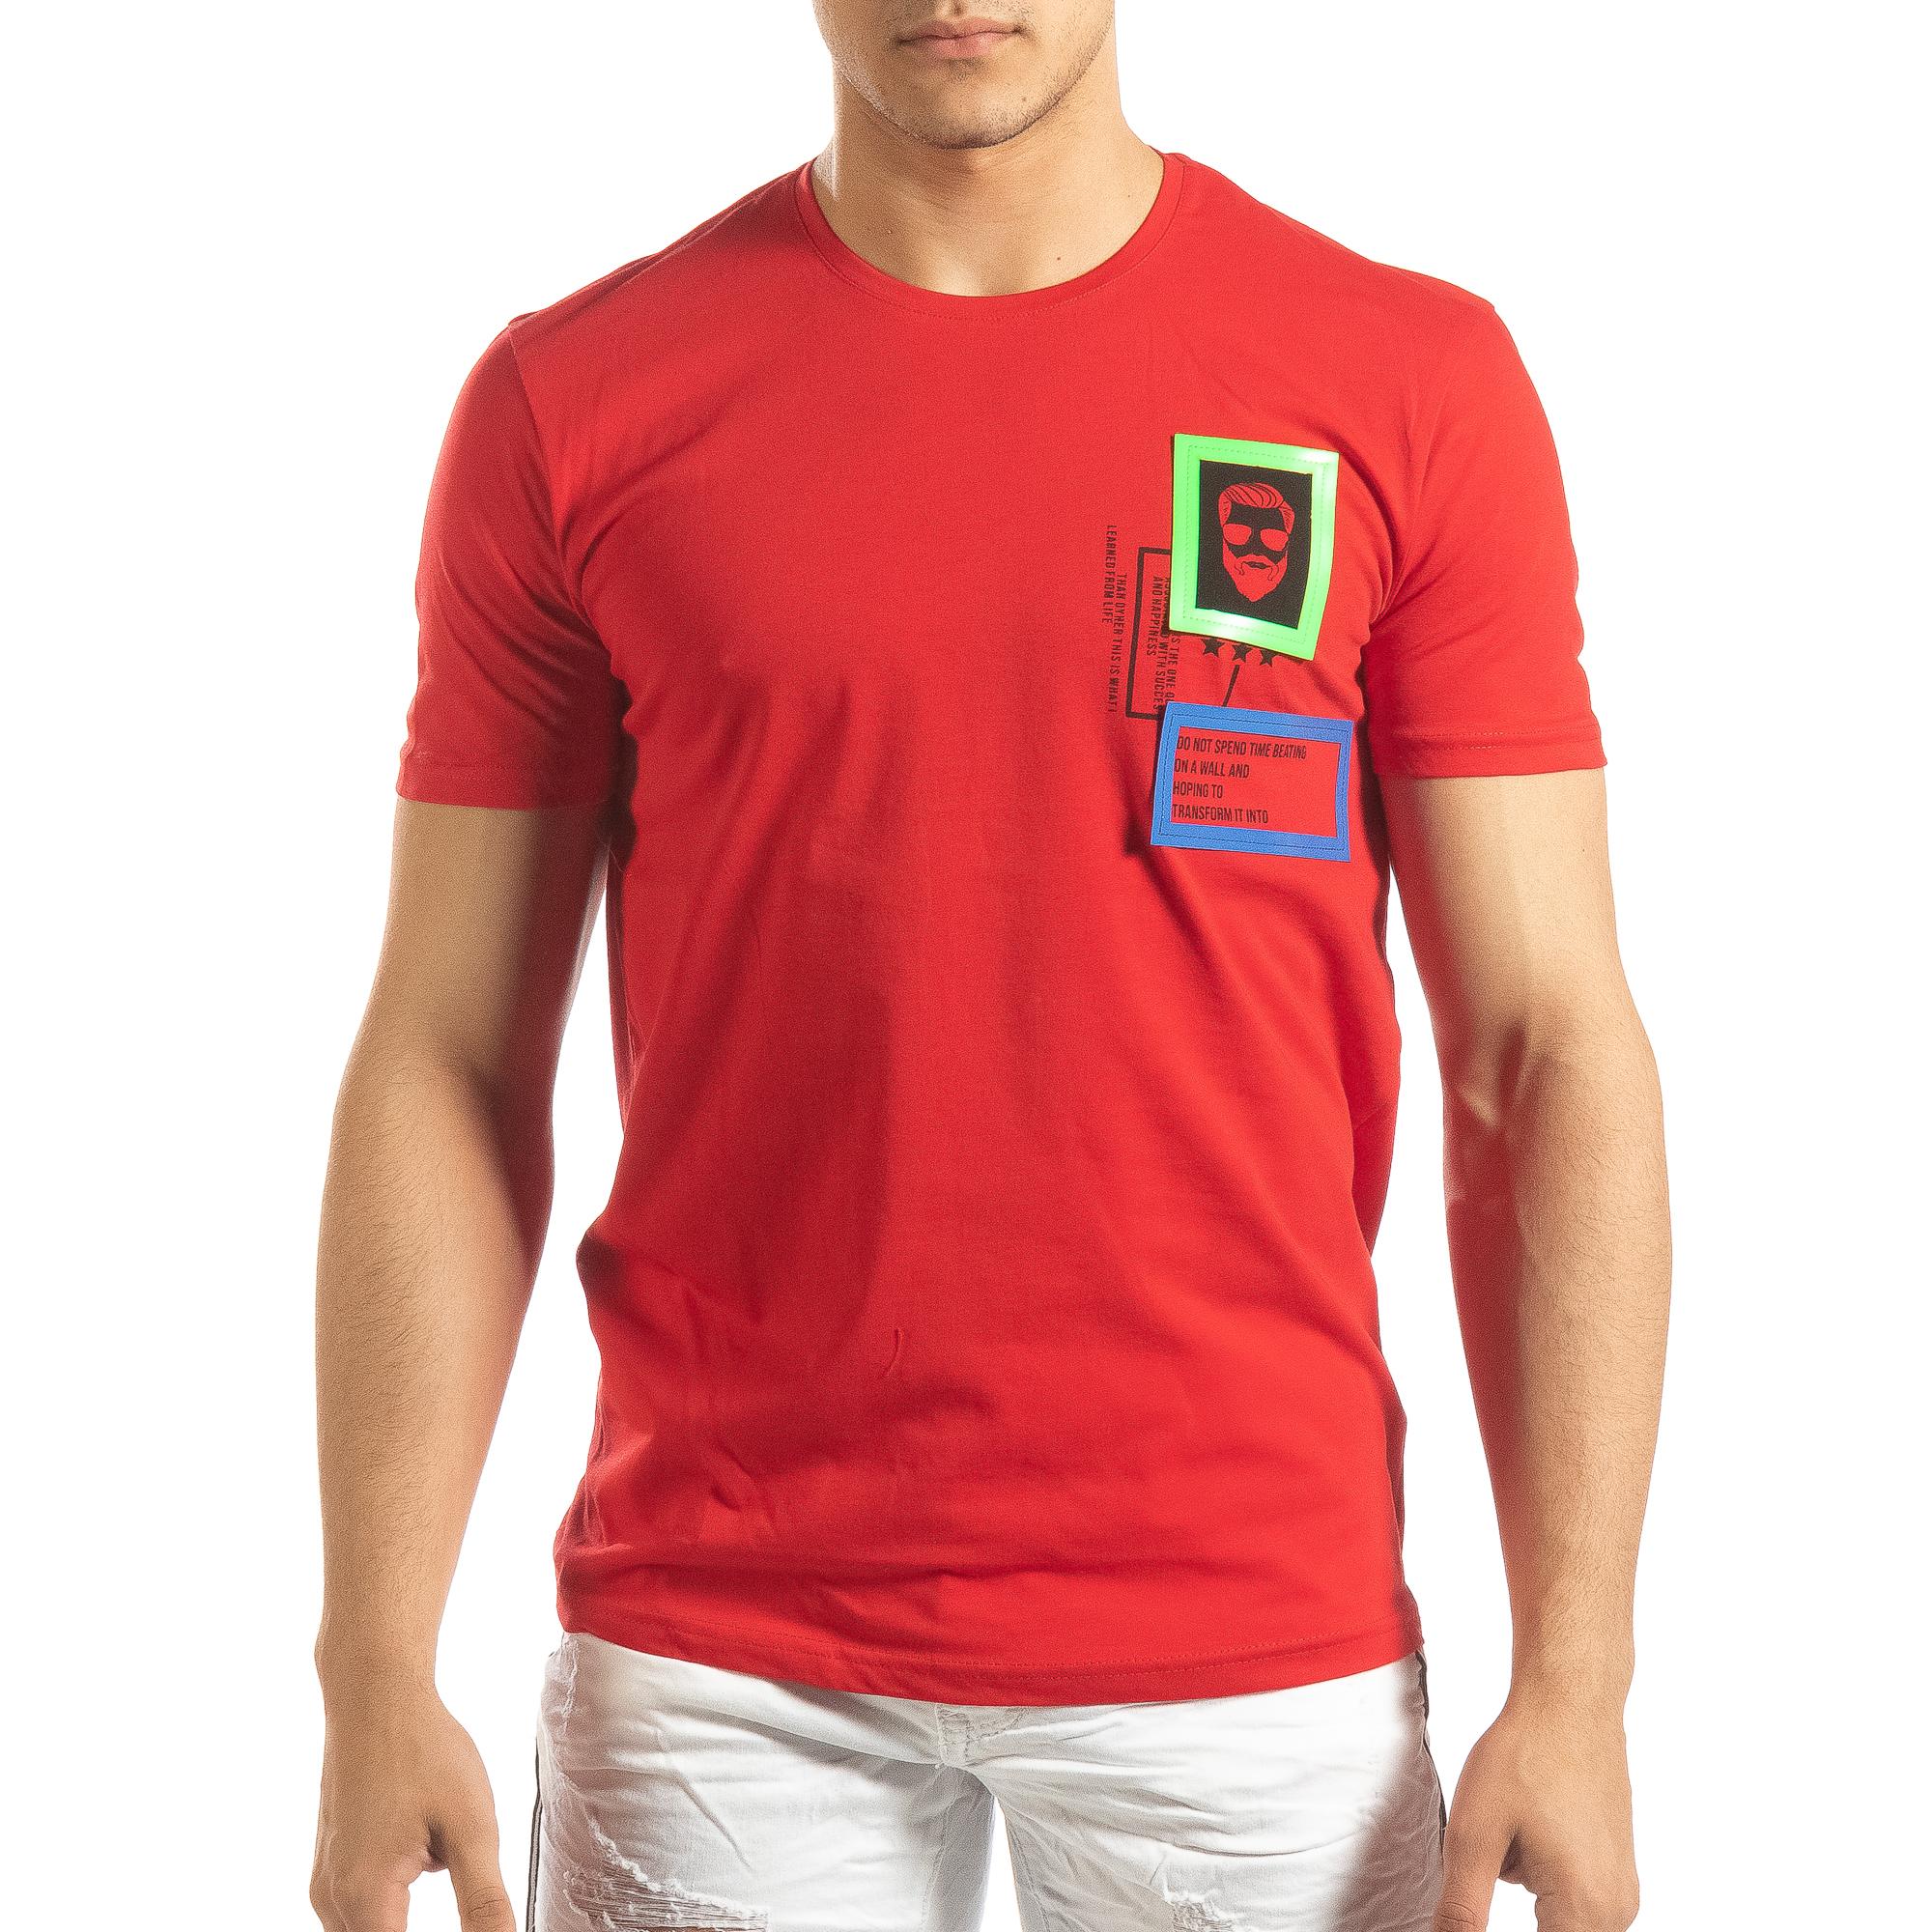 Ανδρική κόκκινη κοντομάνικη μπλούζα με διακοσμητικά απλικέ